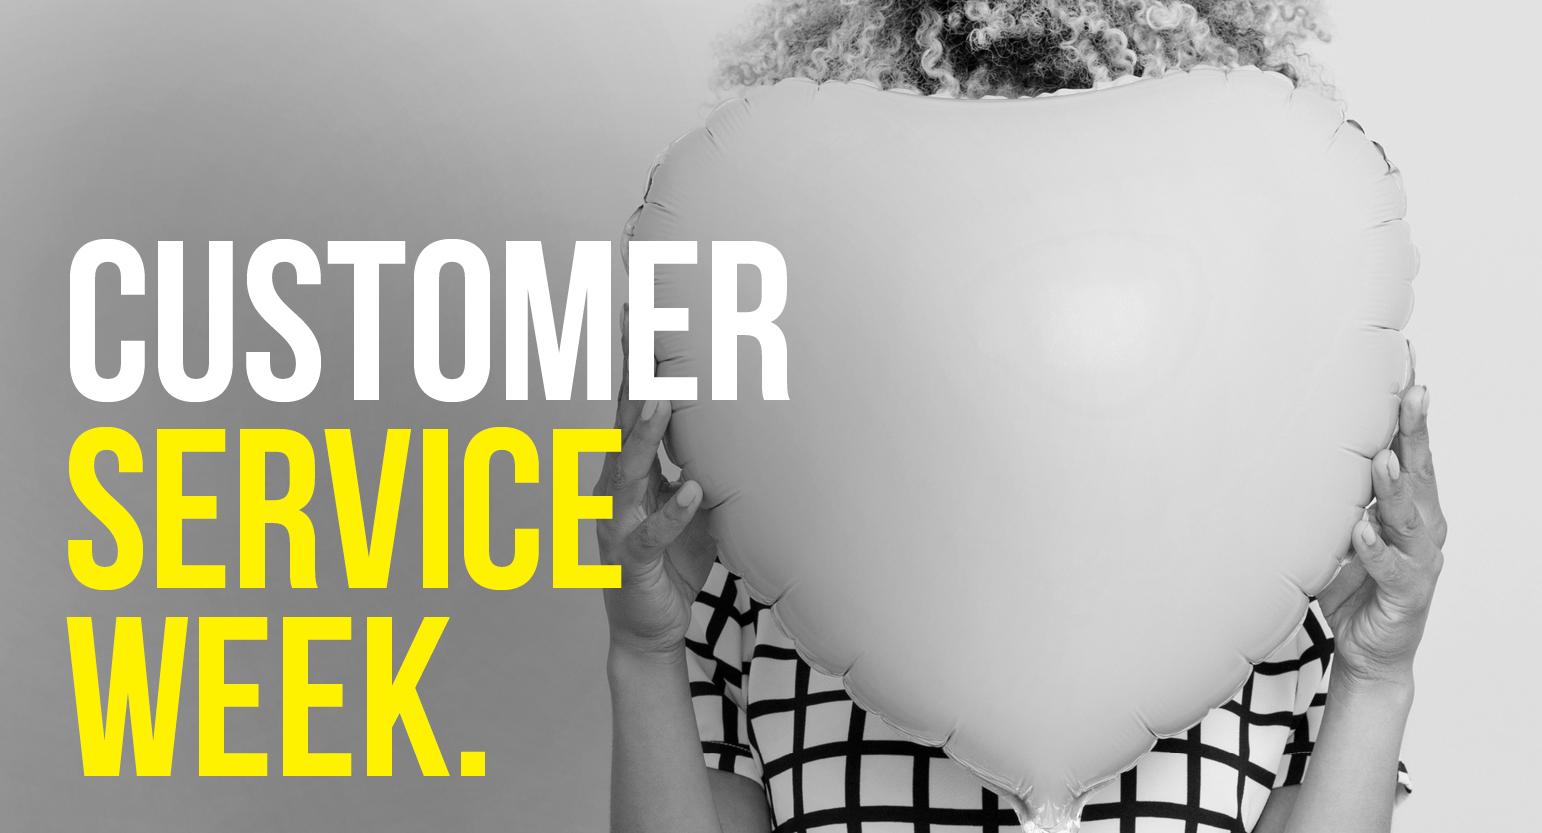 CustomerServiceWeek_WebImage_022719_r1.jpg